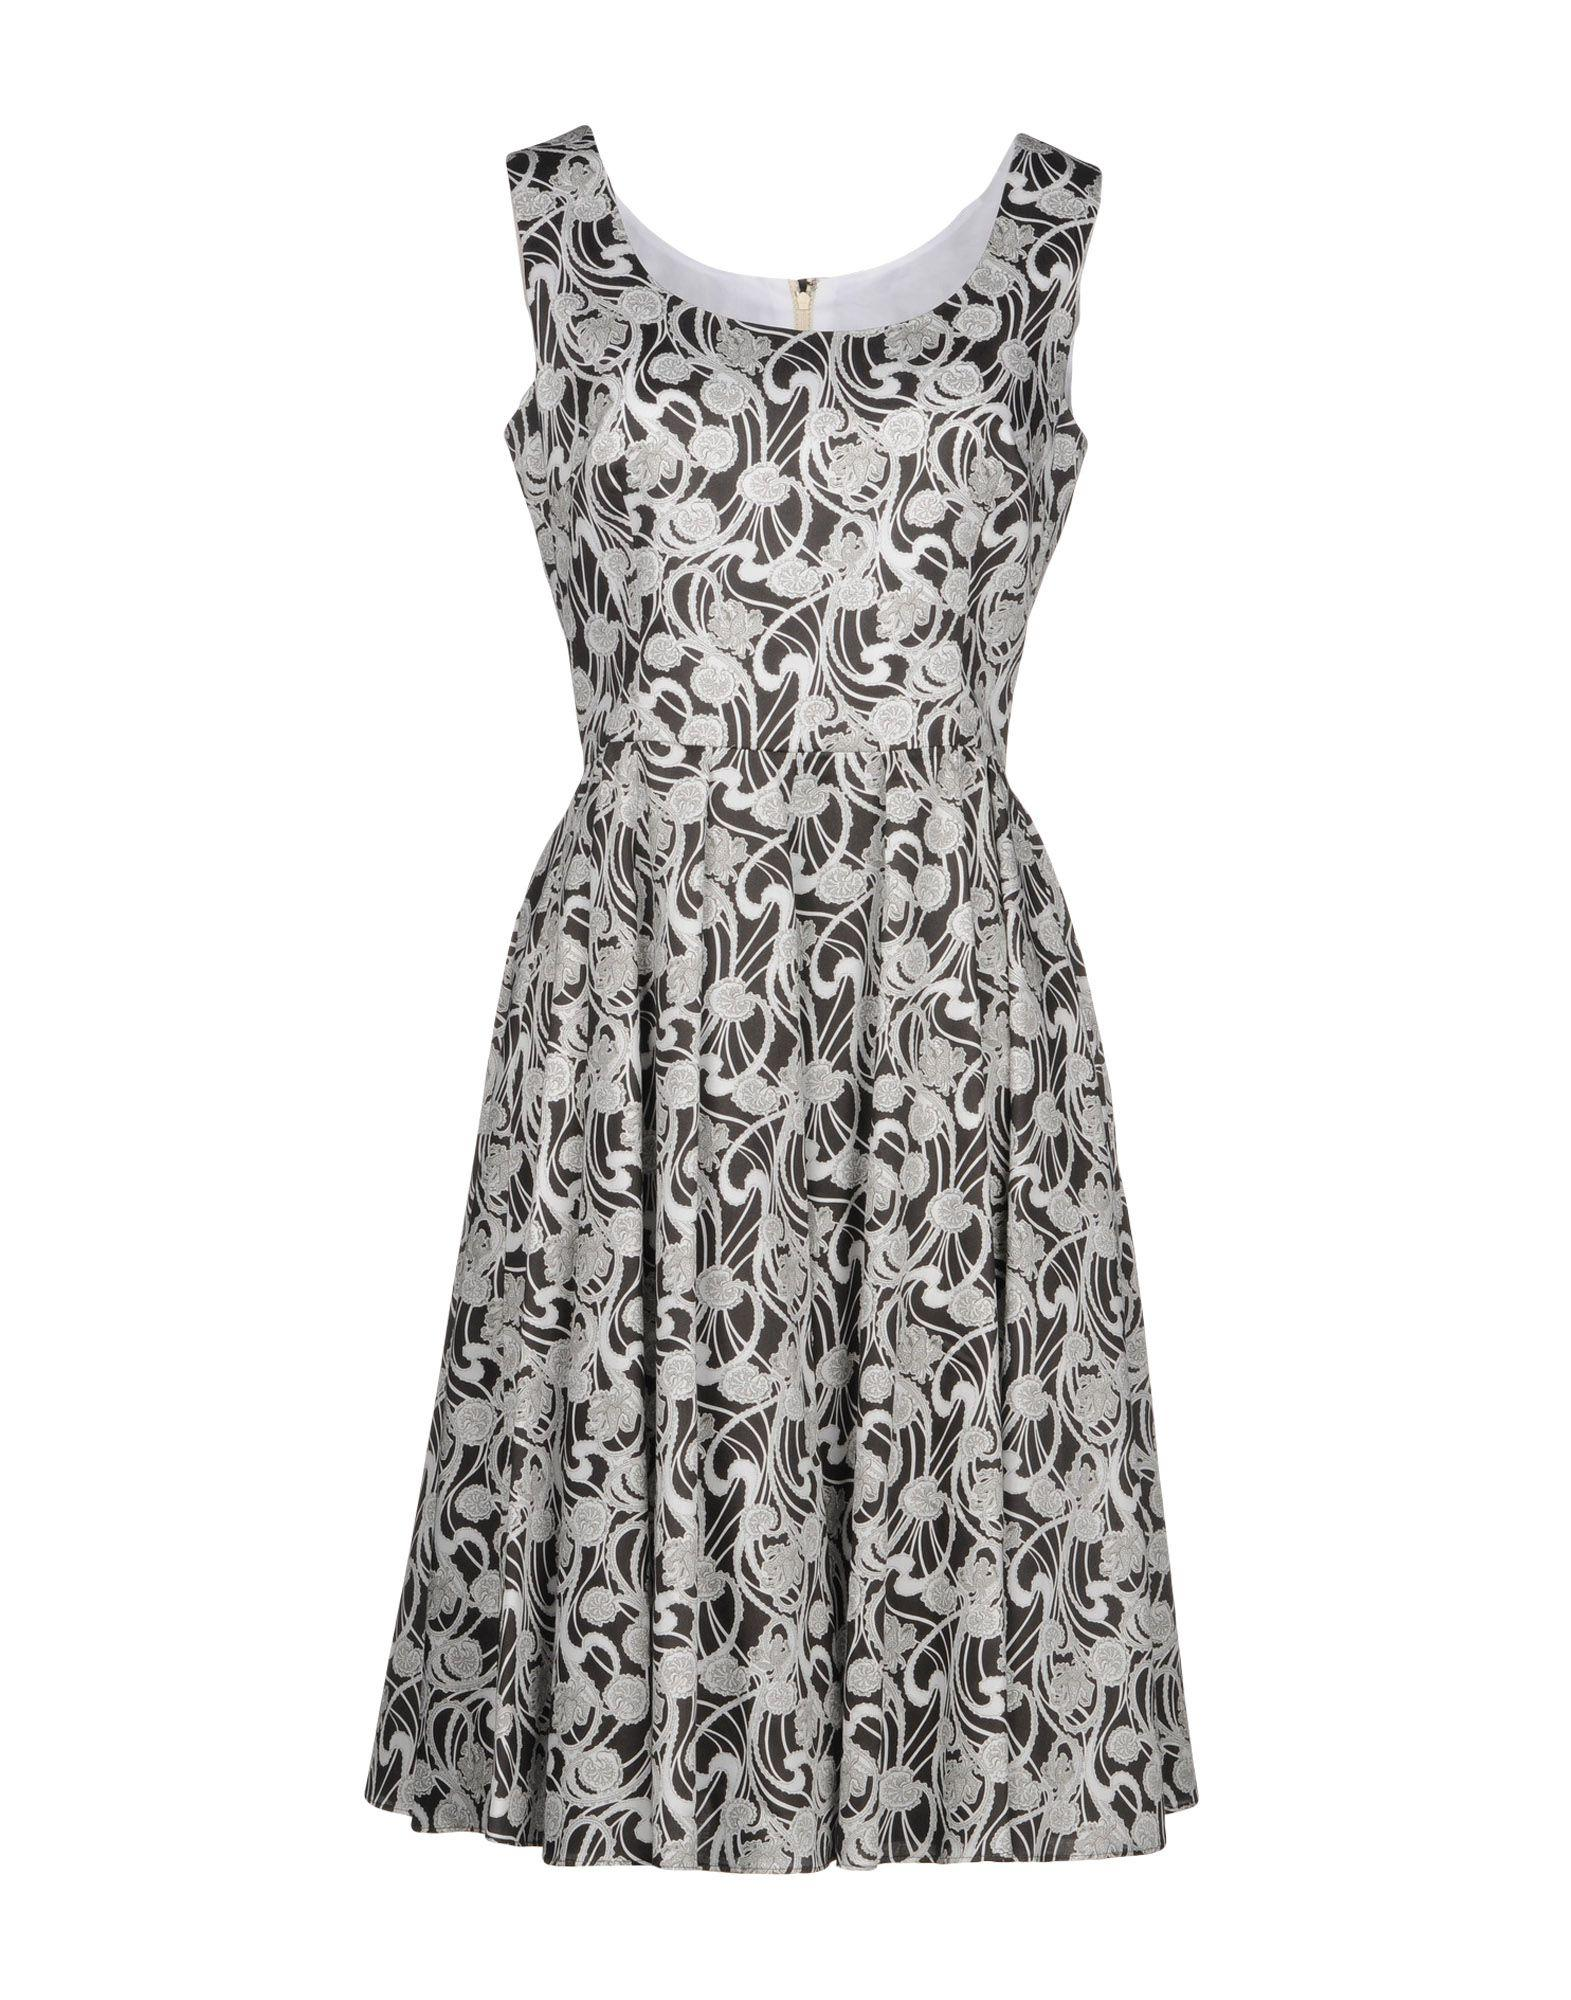 Dolce & Gabbana Knee-Length Dress In Steel Grey